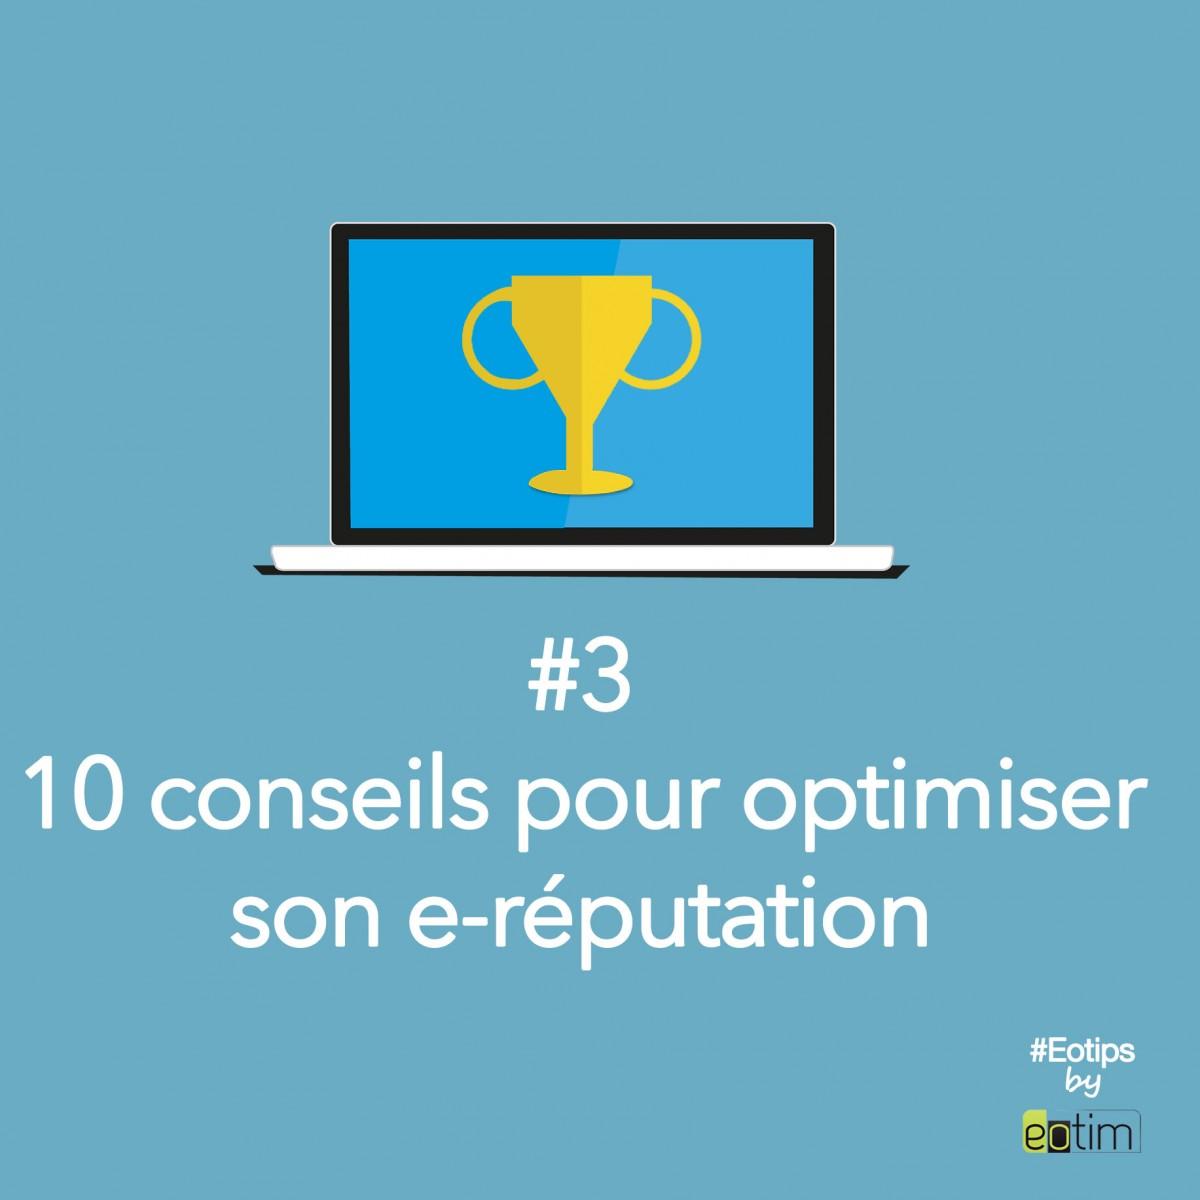 Eotips #3 : 10 conseils pour optimiser votre e-réputation